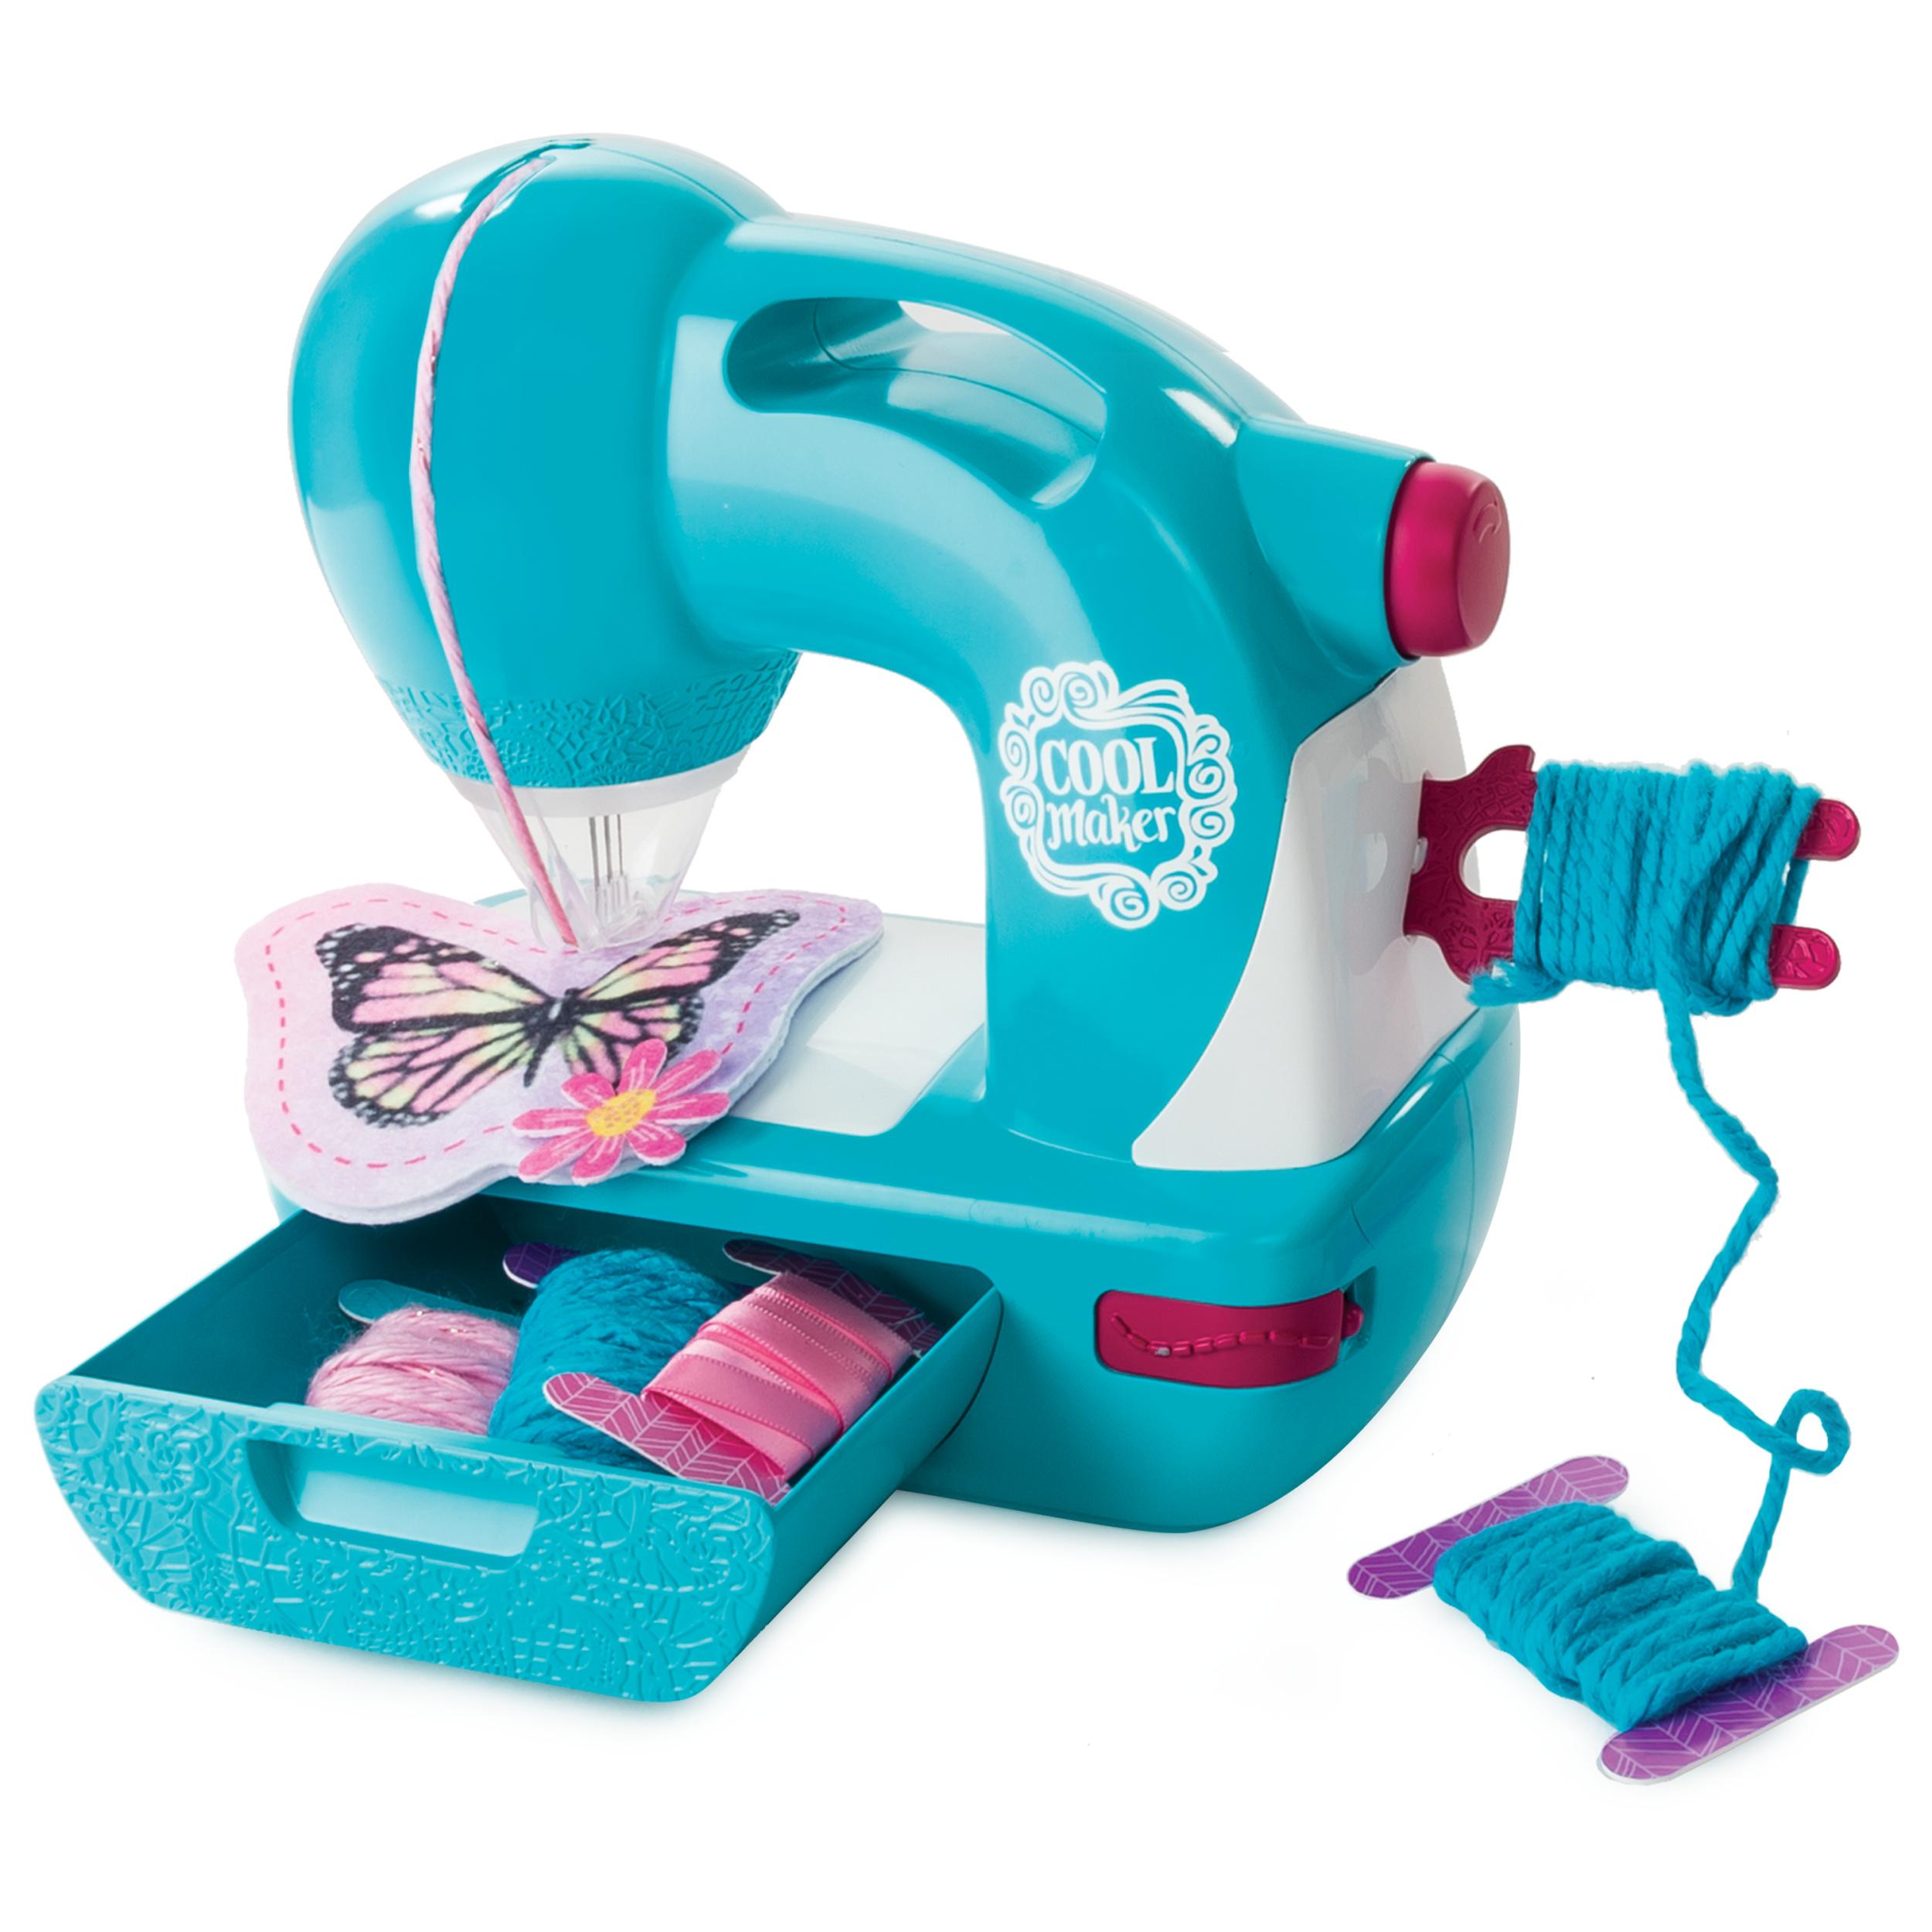 Купить Машинка швейная Spin Master Cool Maker - Sew Cool [56013], Детские кухни и бытовая техника